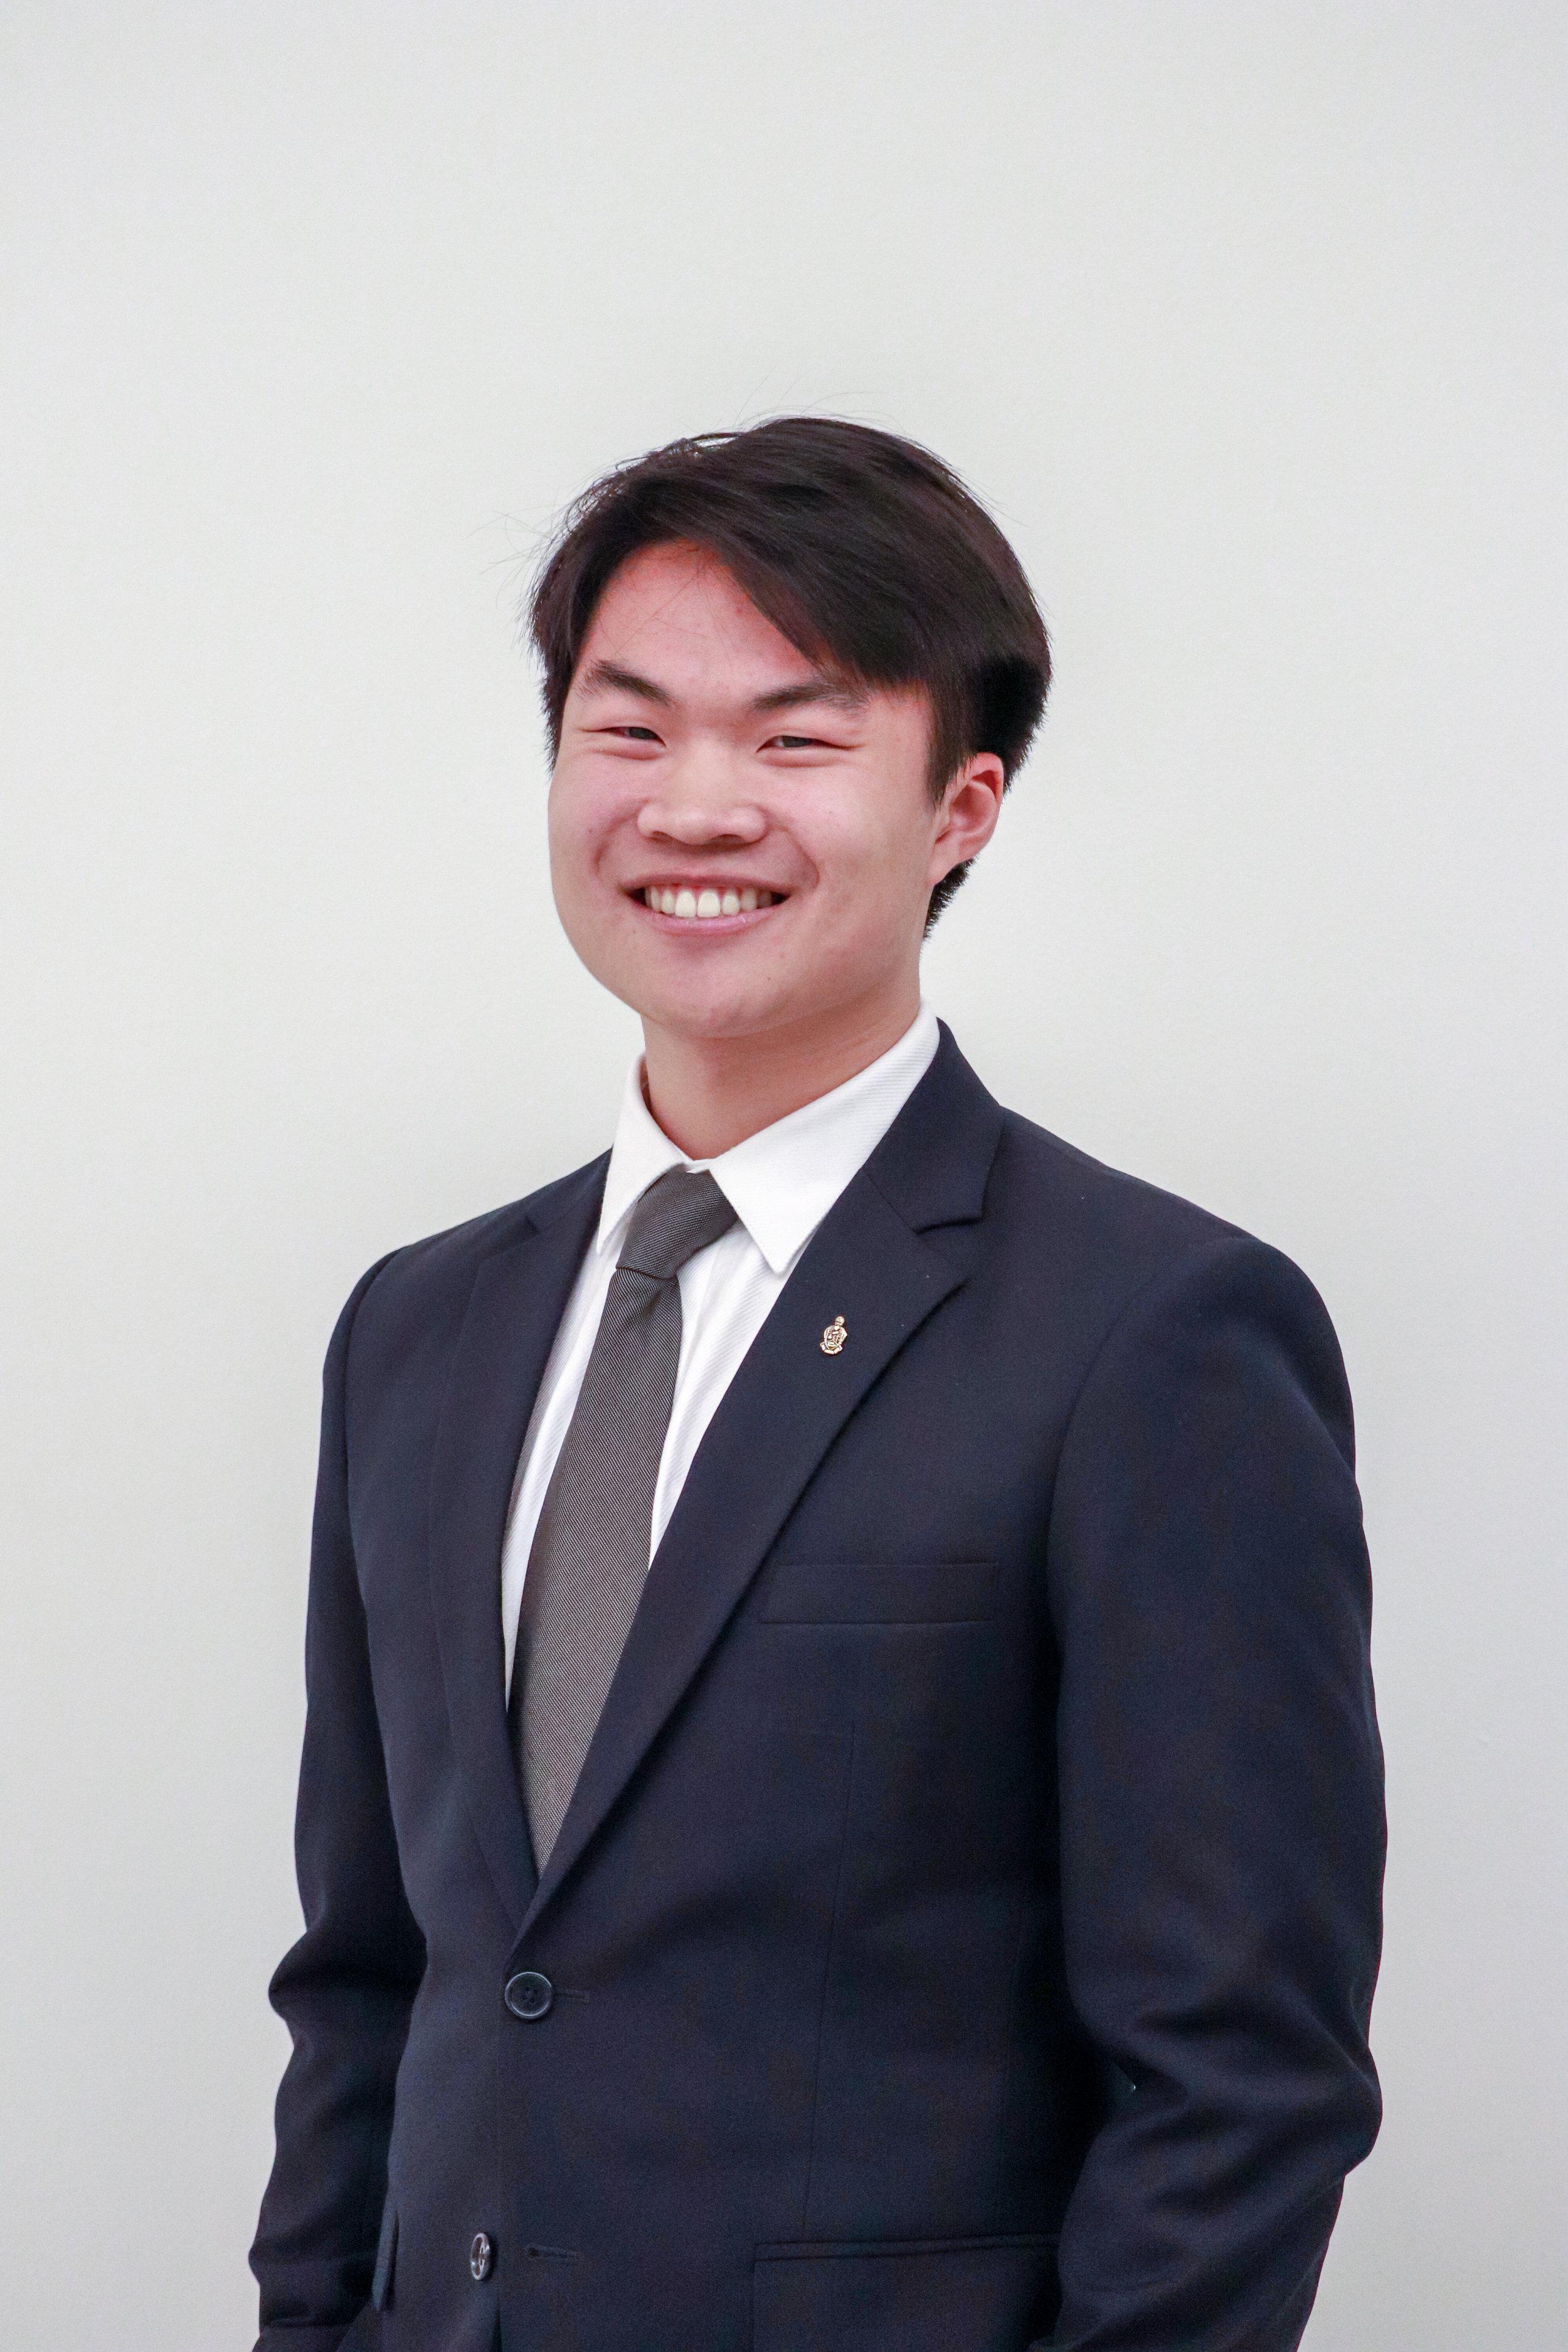 Brandon Ah Tye